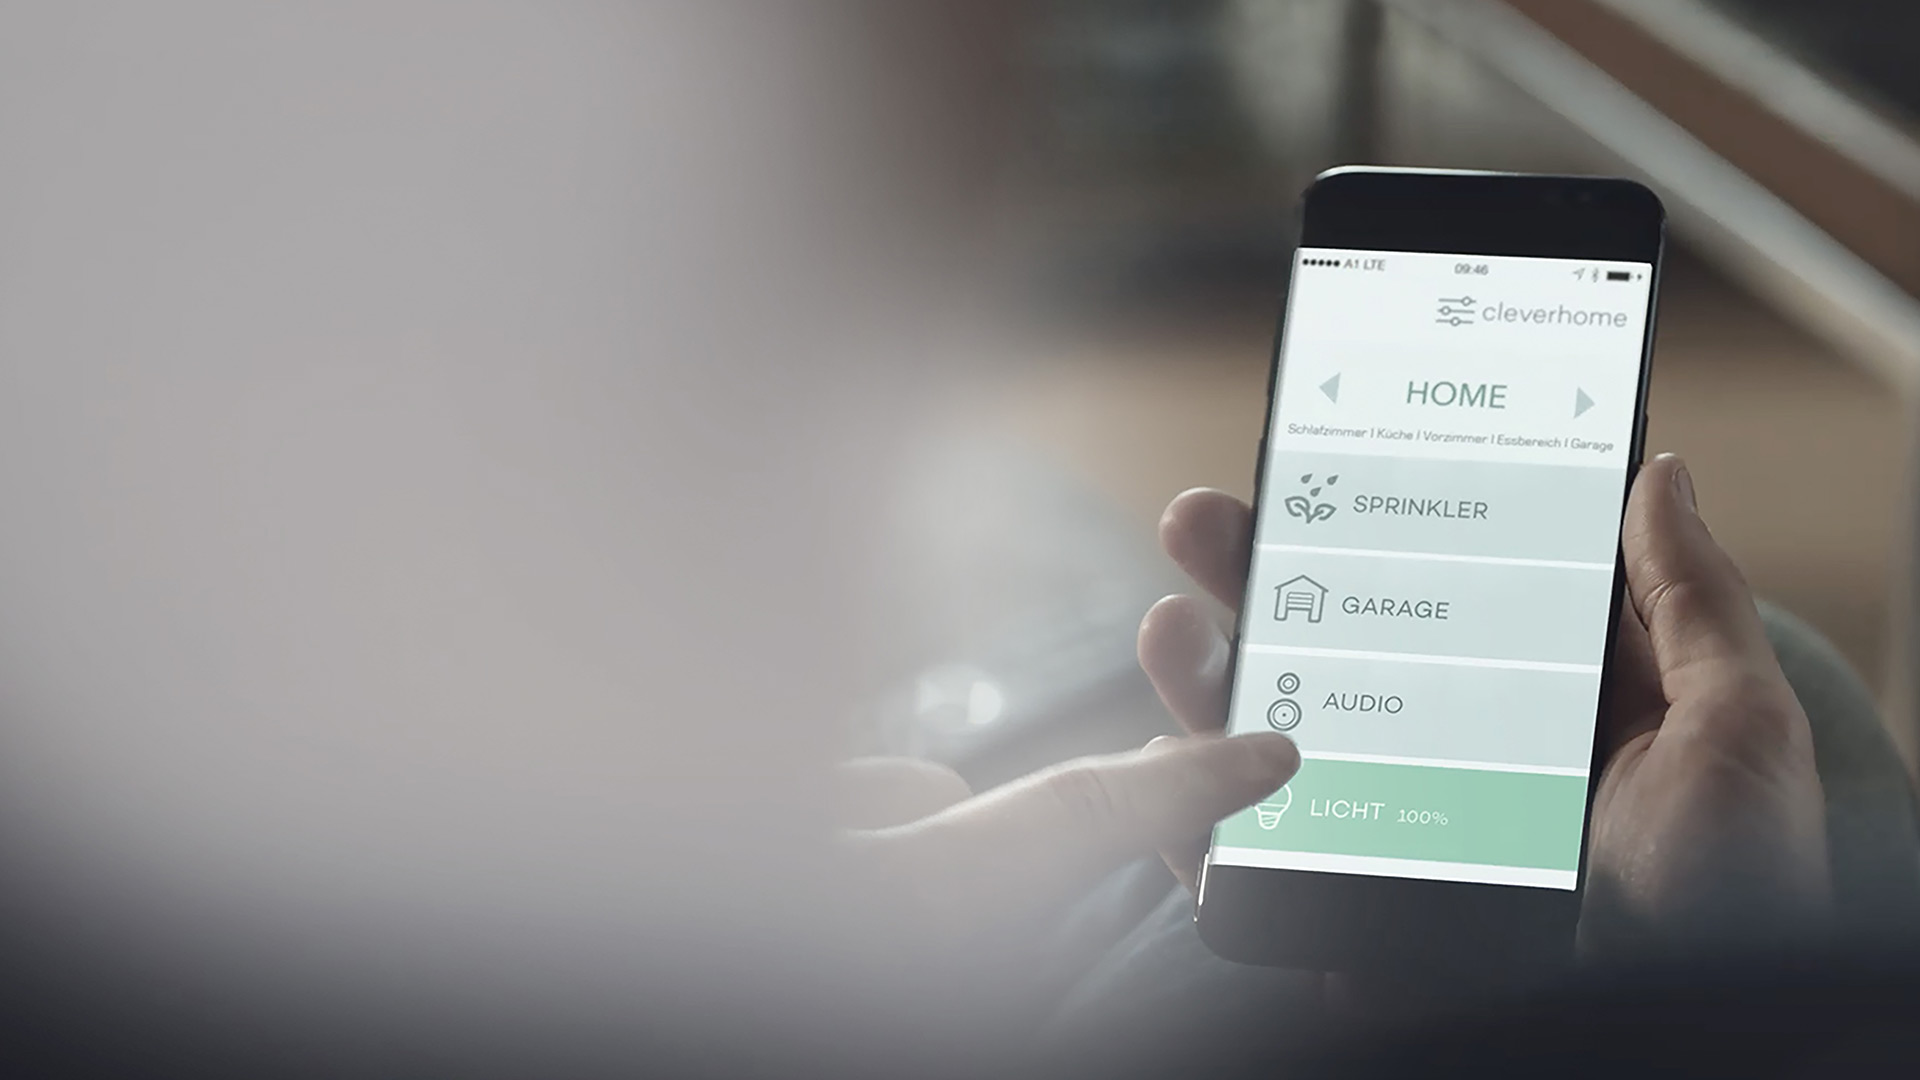 Smartphone mit cleverhome App